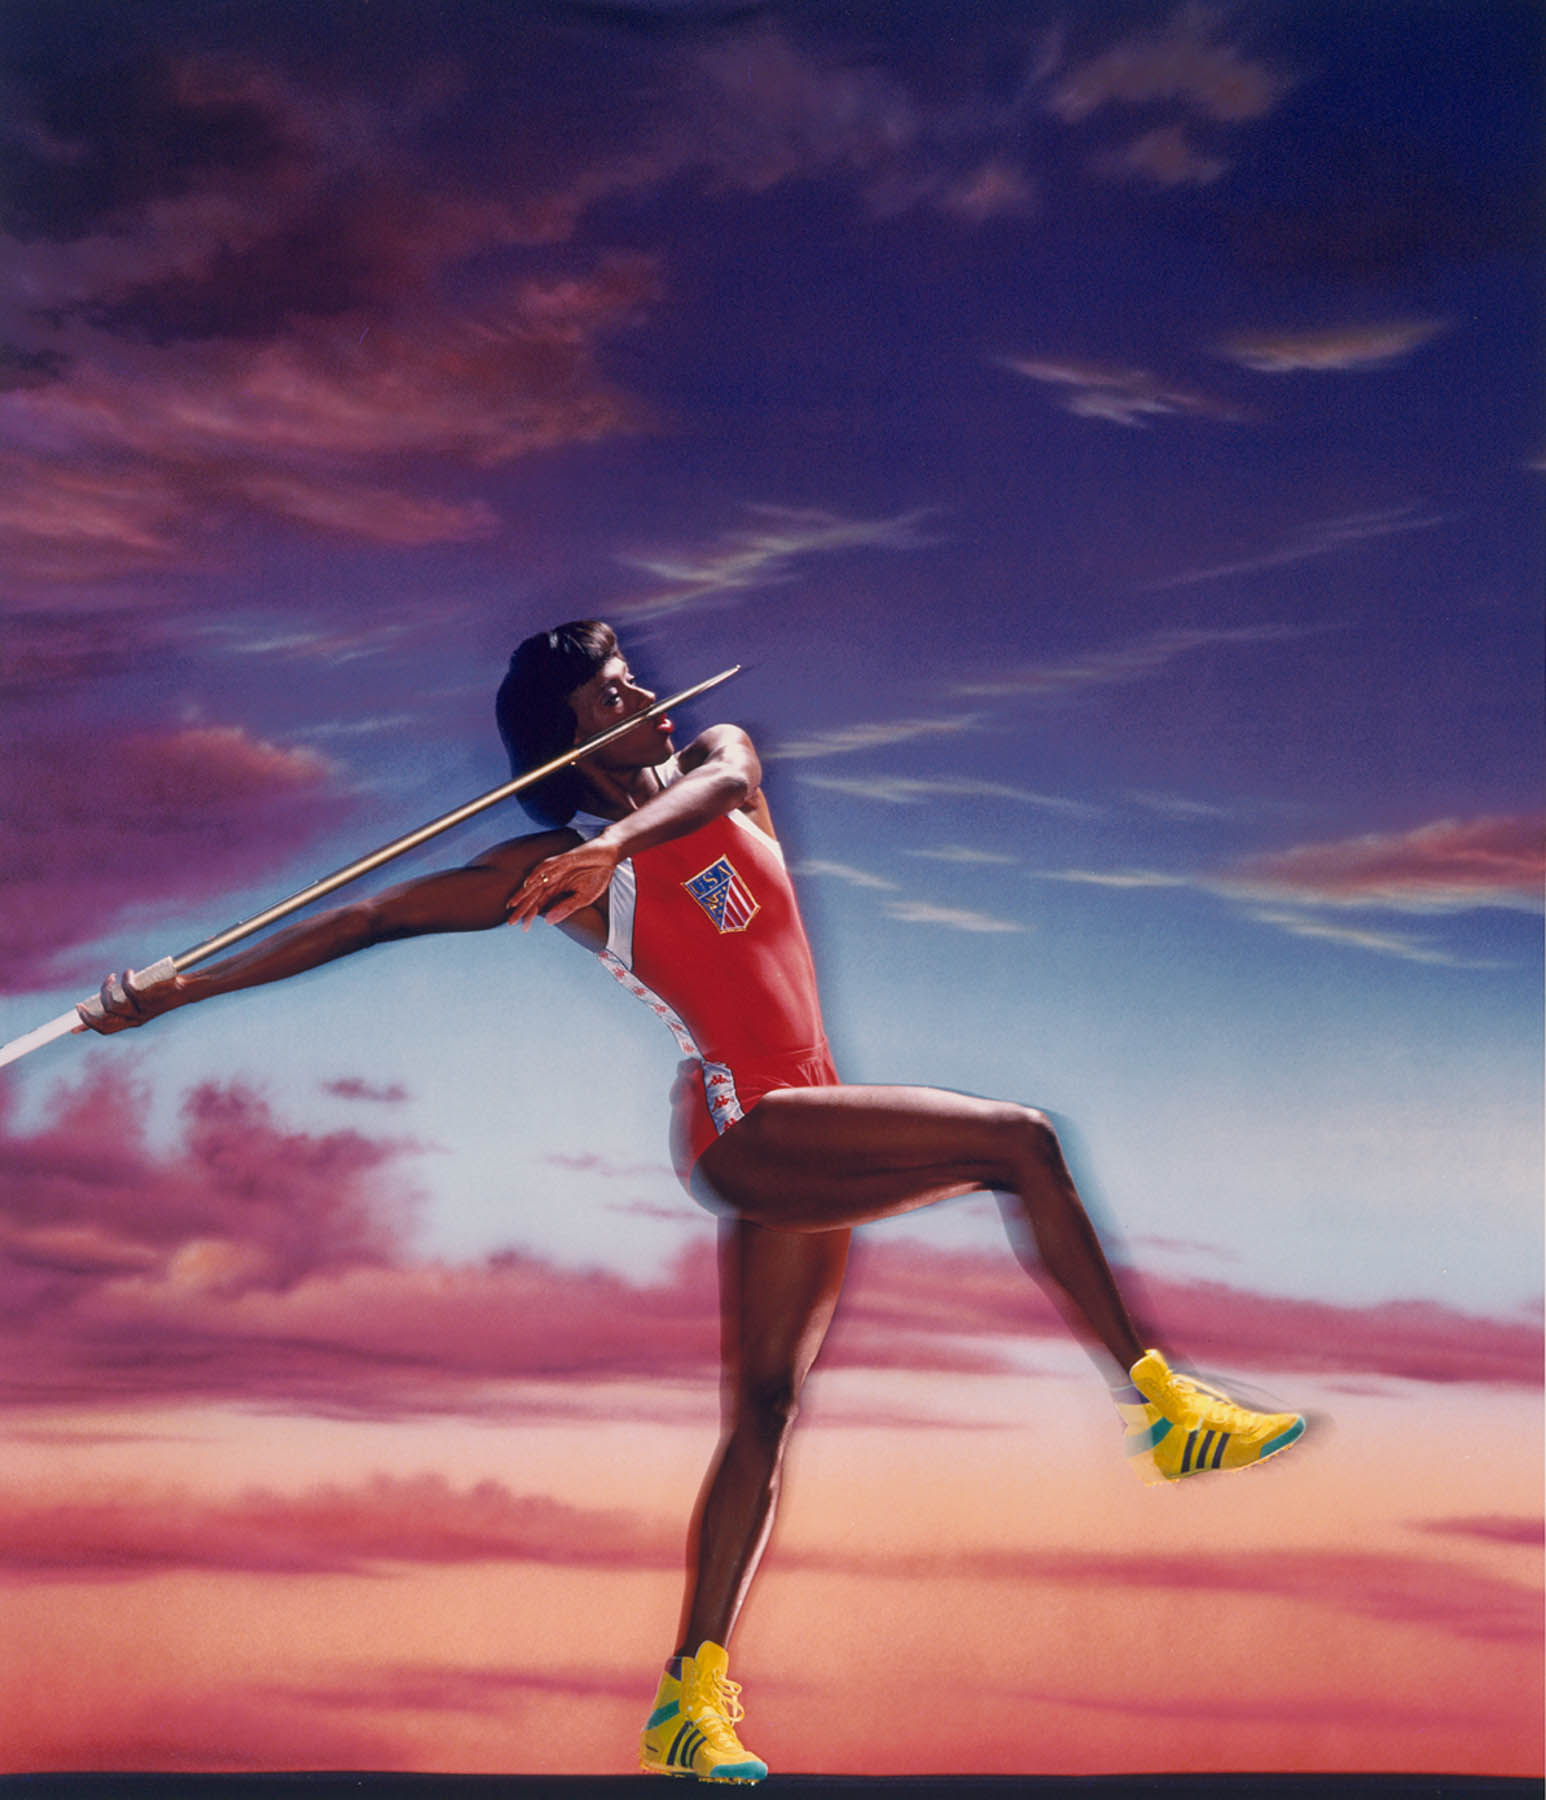 Retrato de la estrella olímpica de atletismo Jackie Joyner-Kersee preparándose para lanzar una jabalina (© Gregory Heisler)